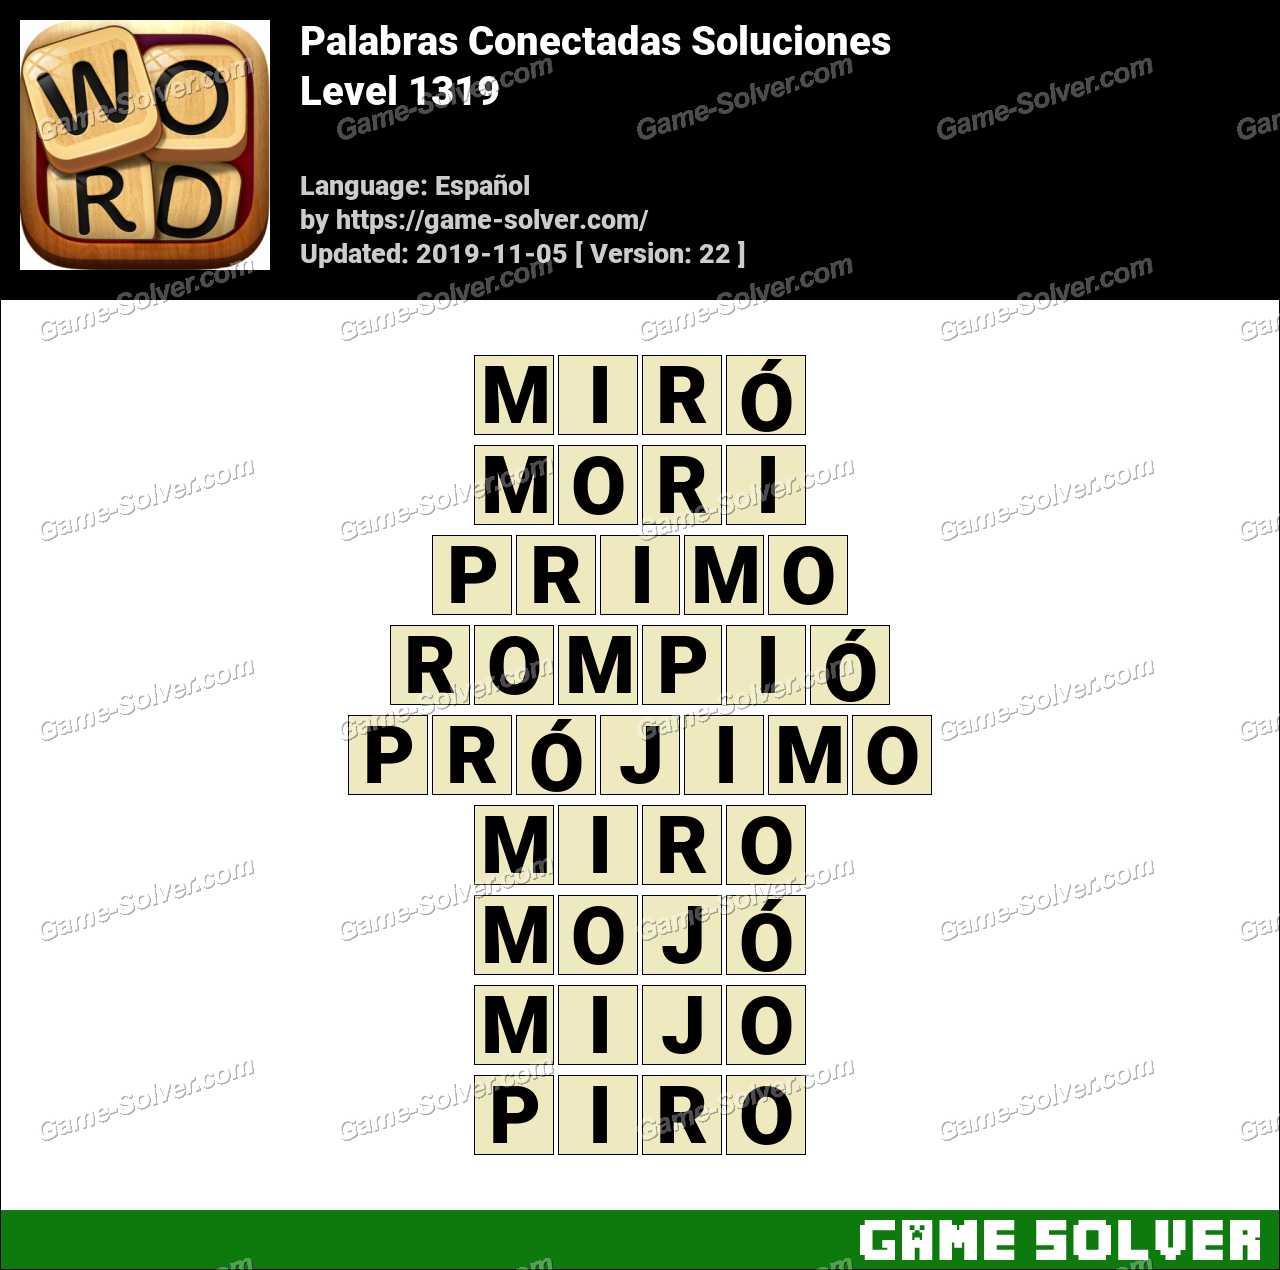 Palabras Conectadas Nivel 1319 Soluciones